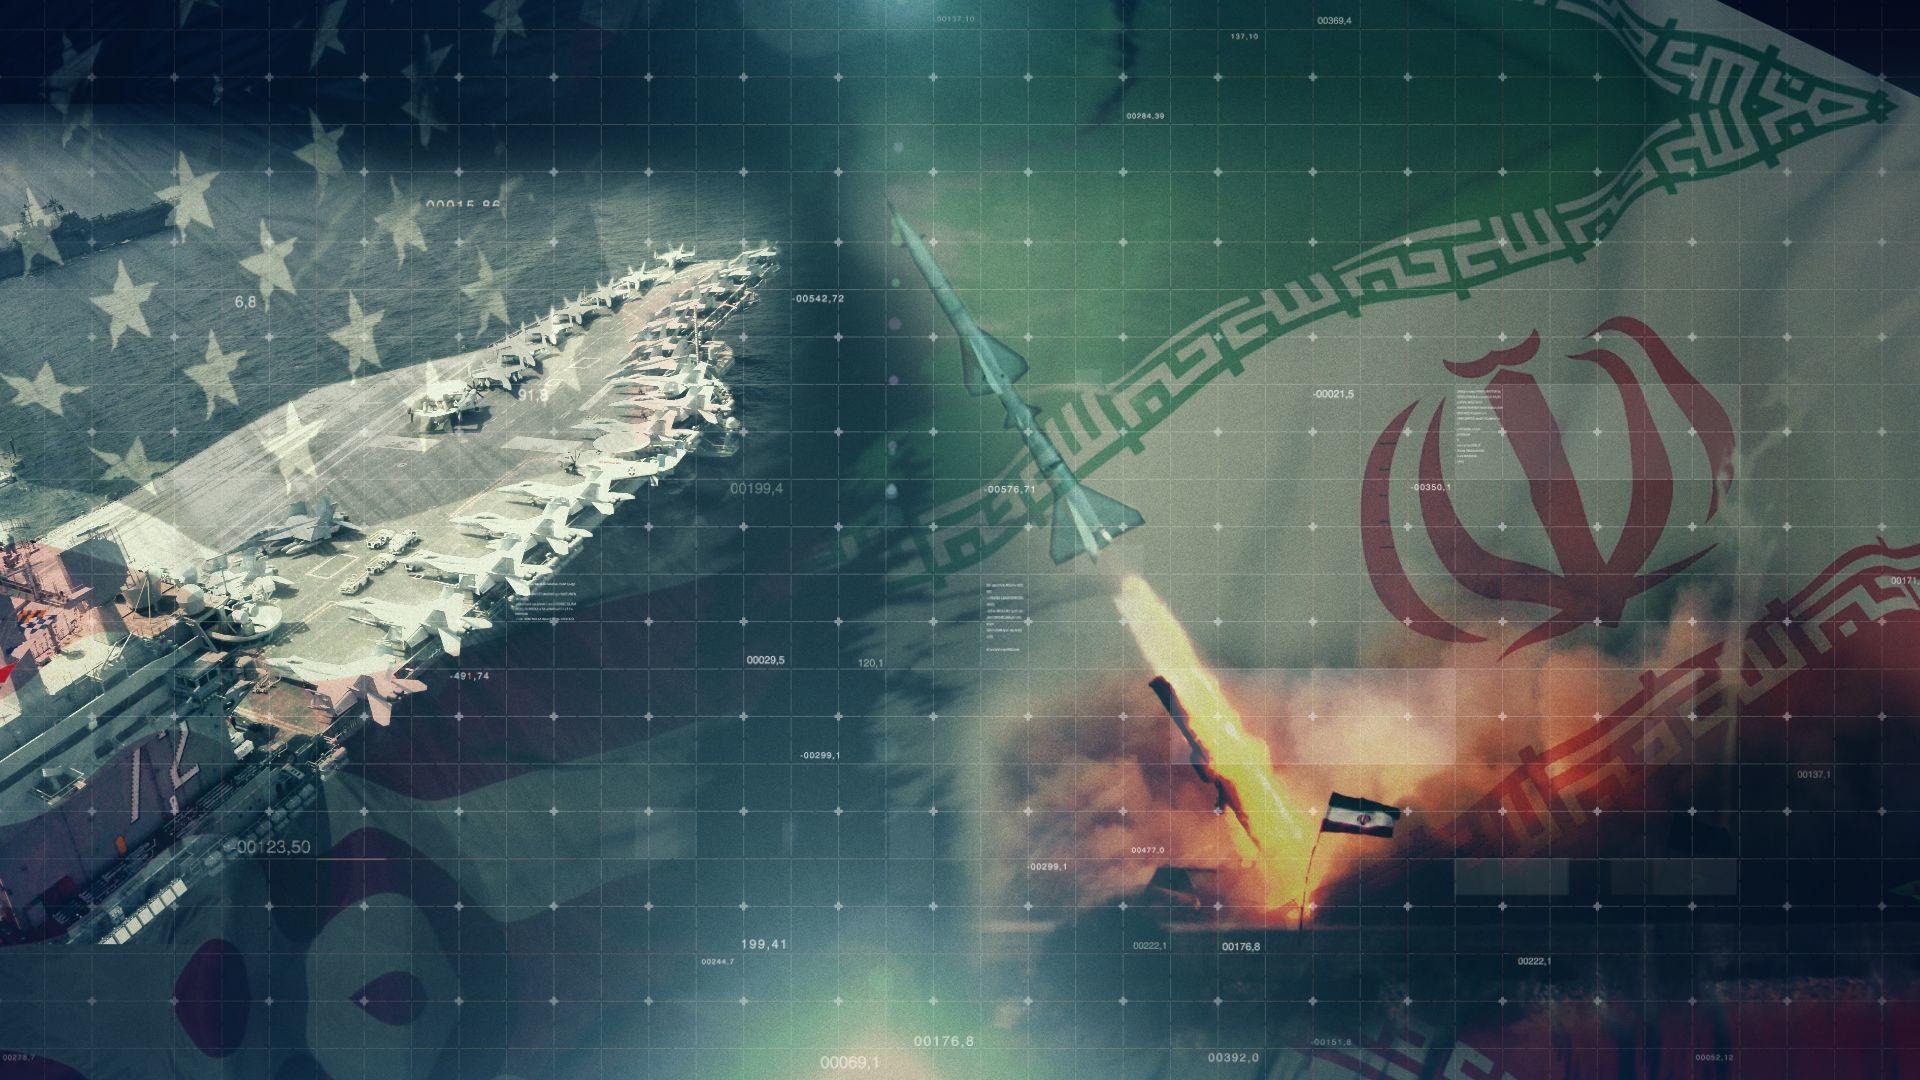 النار التي يشعلها ترامب في إيران يمكن أن تنتقل إلى روسيا